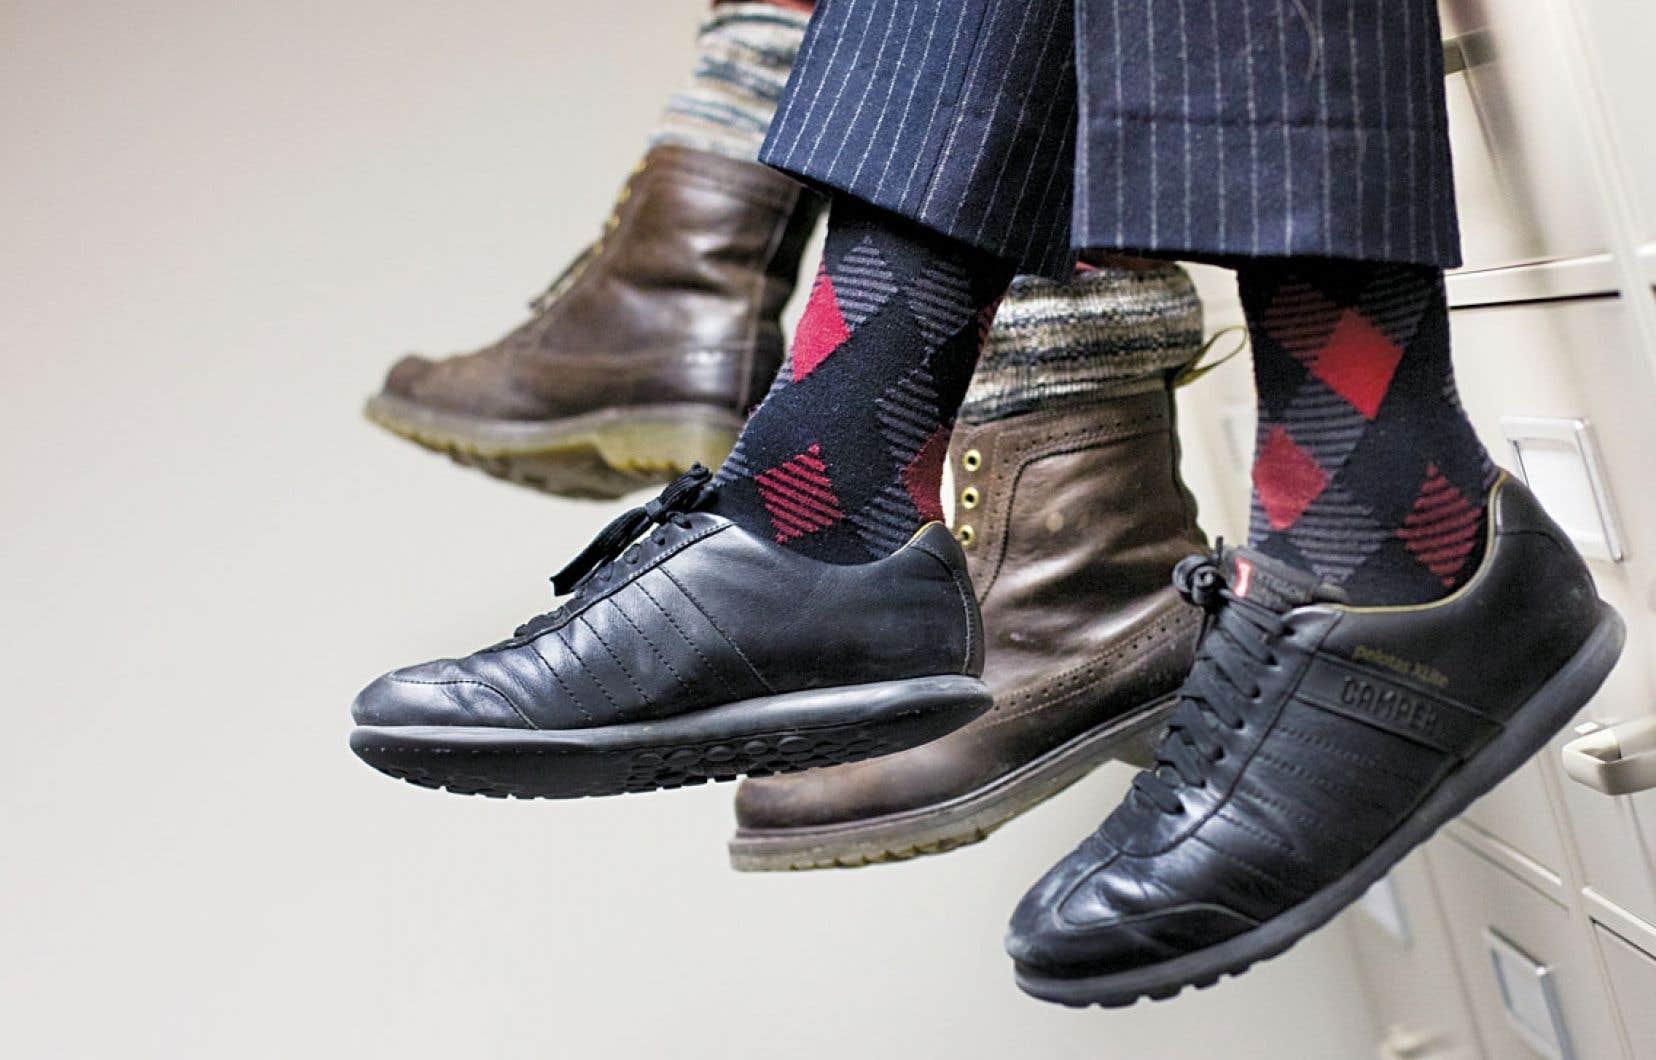 La chaussette est l'un des quelques morceaux avec lesquels les hommes peuvent sculpter leur personnalité, eux qui envient aux femmes la robe, la jupe et leur panoplie d'accessoires.